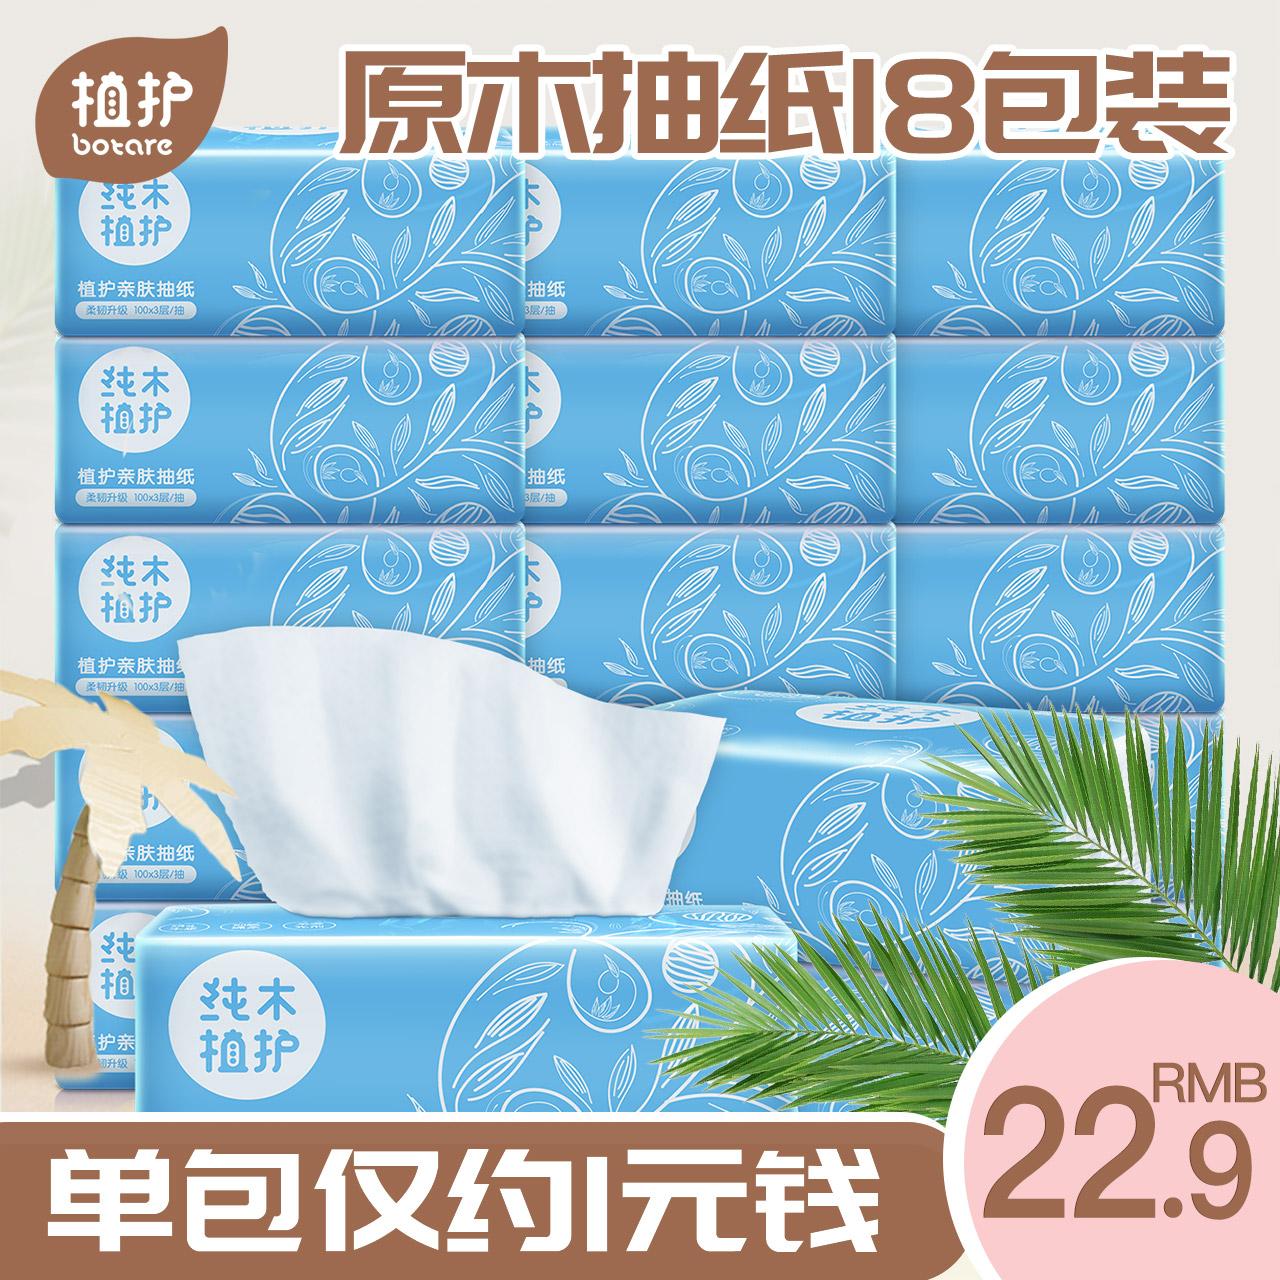 纯木植护抽纸18包批发整箱家庭装餐巾纸家用卫生纸纸巾纸抽实惠装